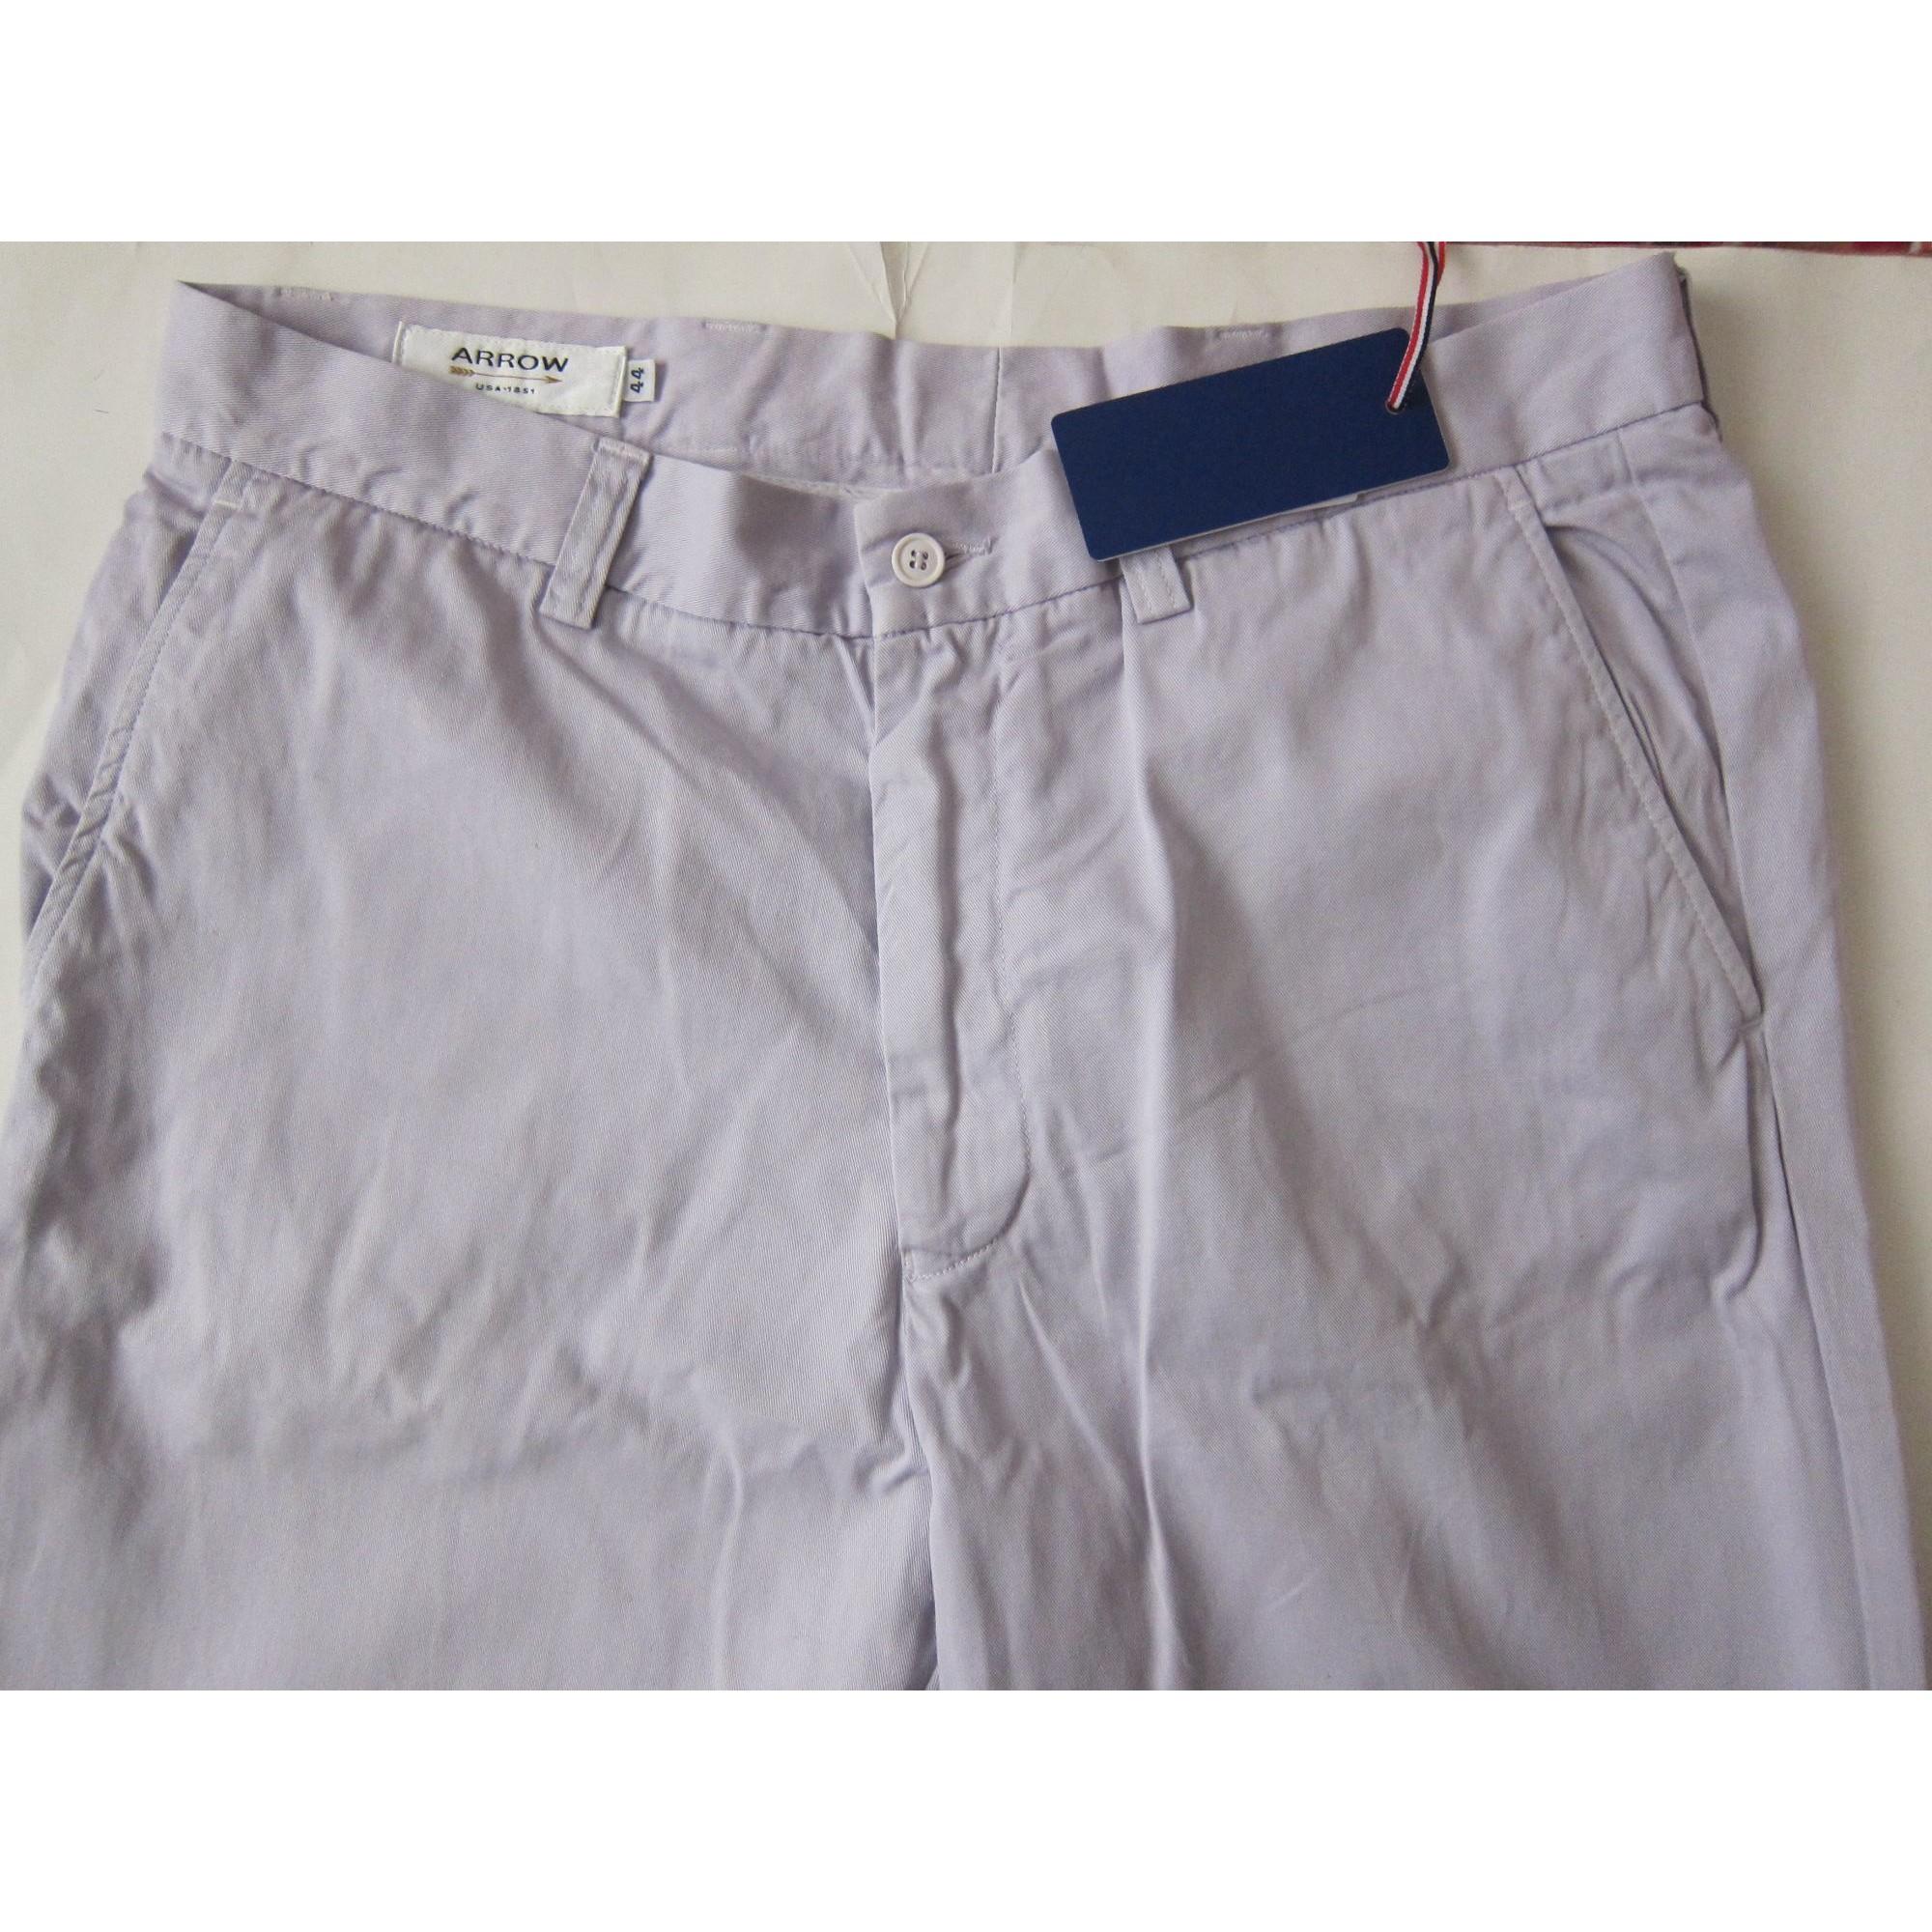 Pantalon droit ARROW Violet, mauve, lavande